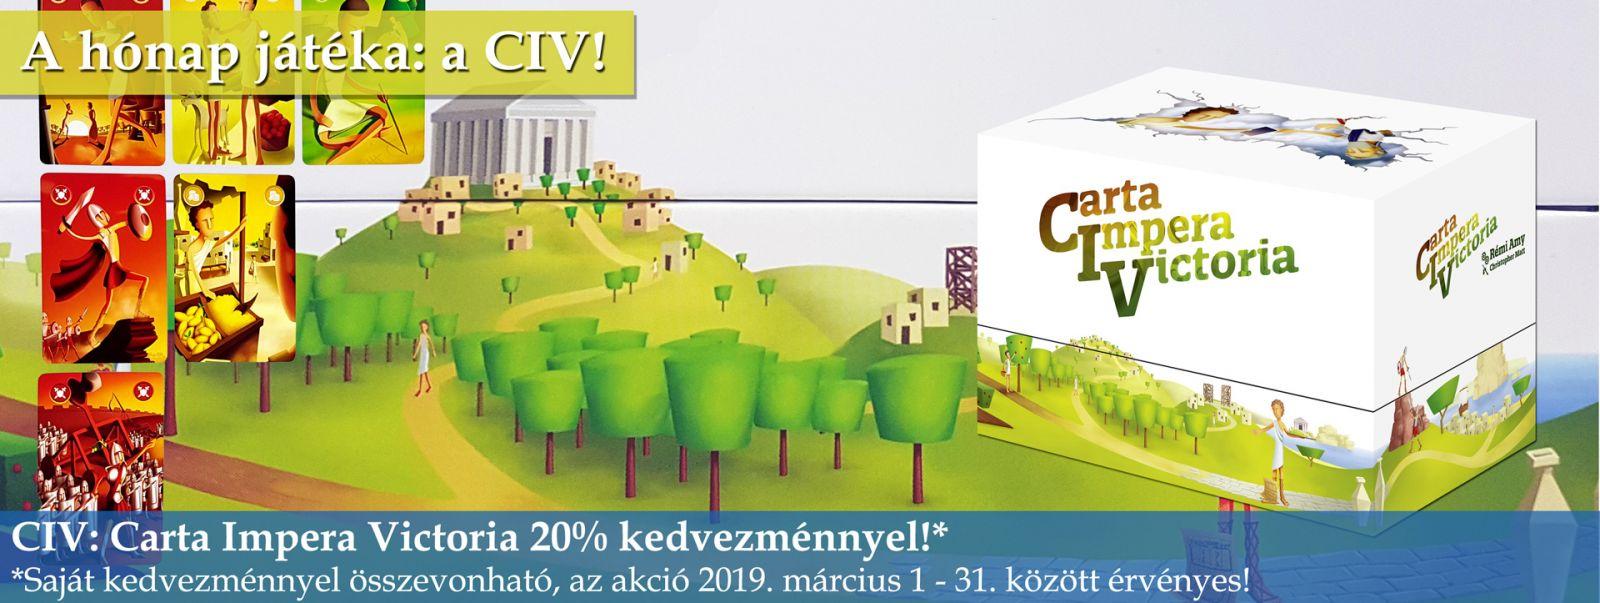 Honap jateka: CIV